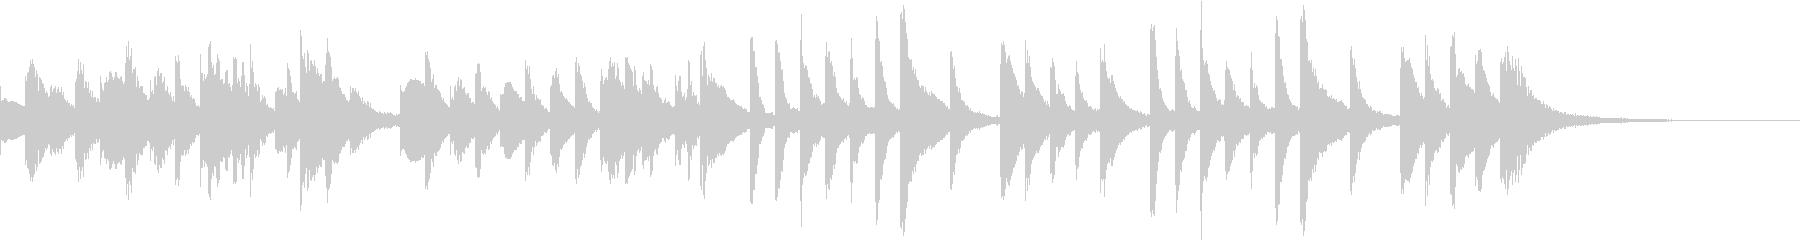 ほのぼのしたマリンバの未再生の波形